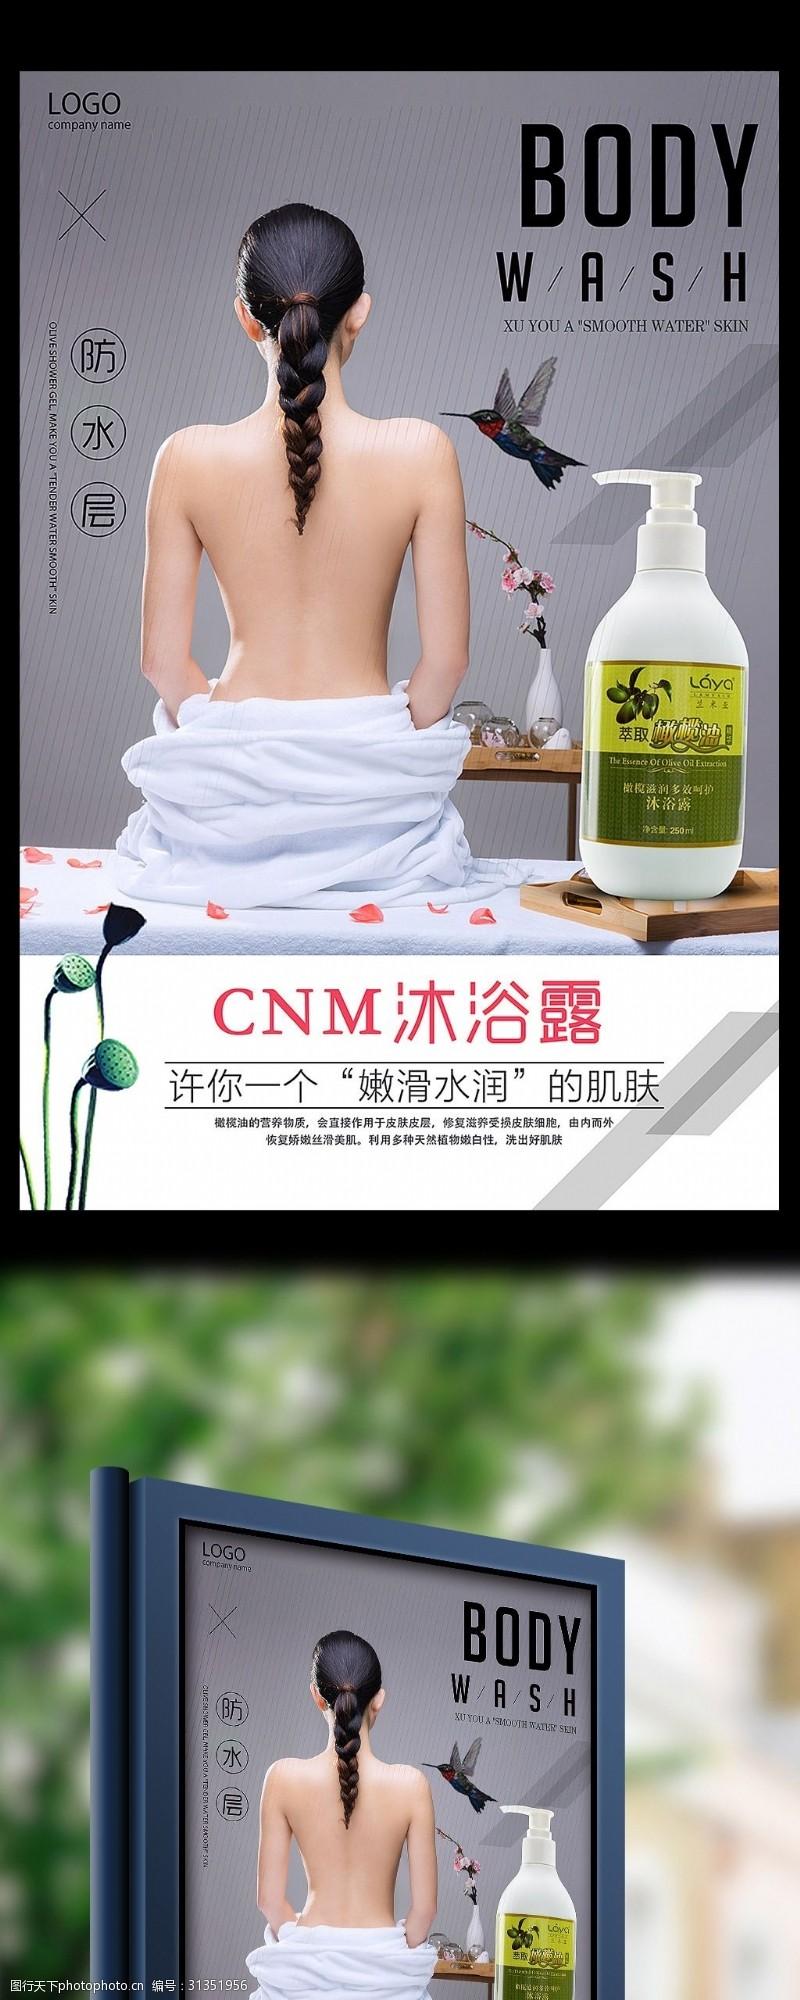 洗发露广告沐浴露洗发露美容护肤品海报